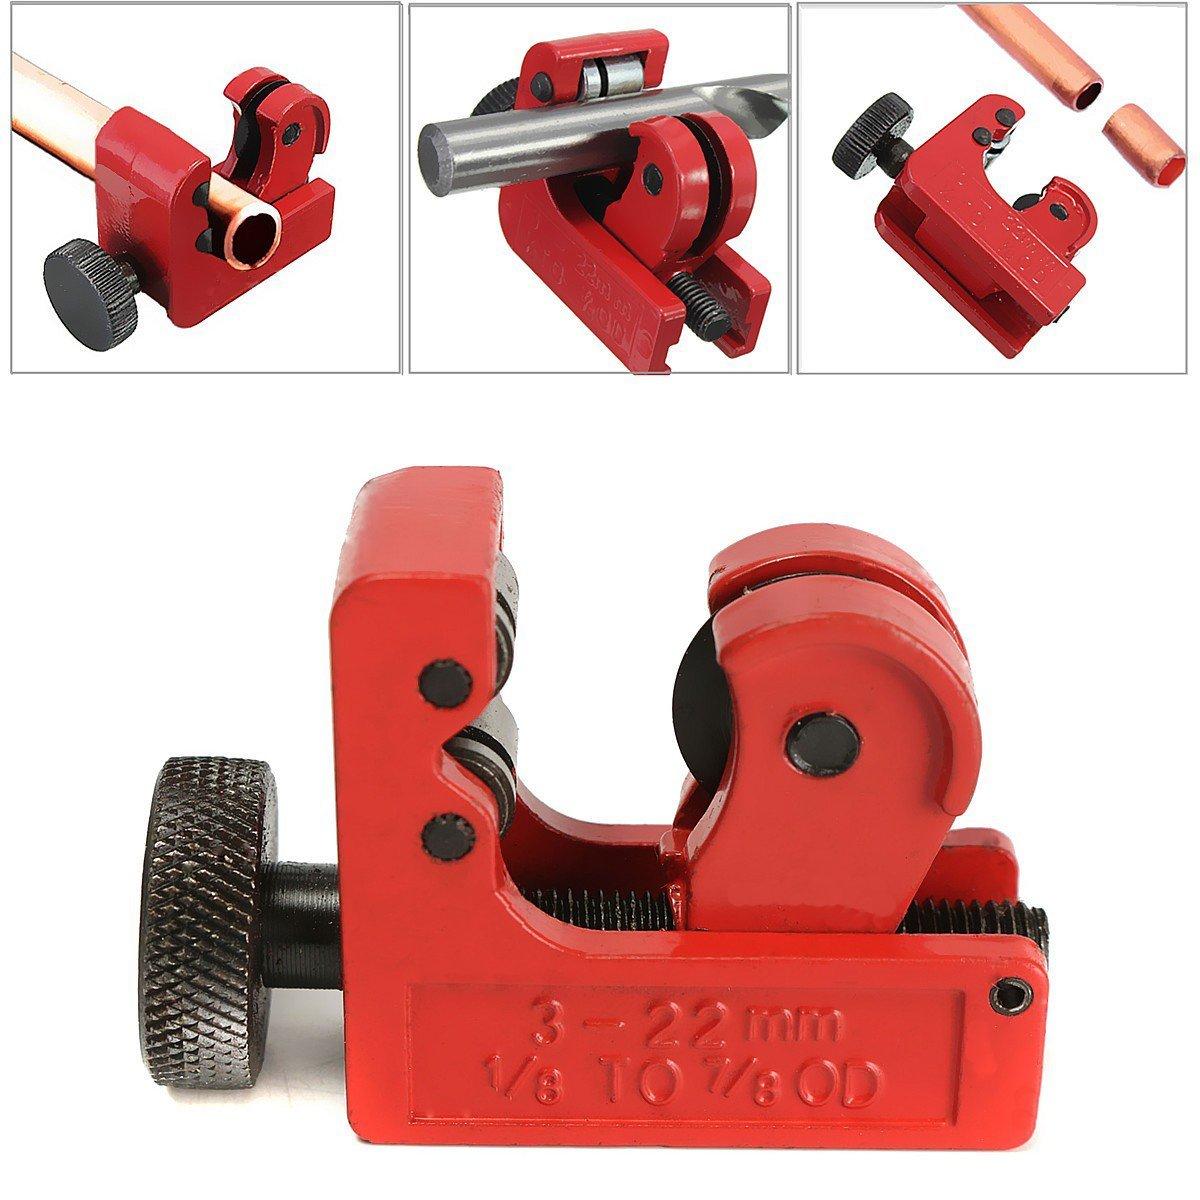 Mini-Rohrschneider: Sie eignen sich hervorragend zum Schneiden von Rohren aus Kupfer, Messing, PVC, Kunststoffrohren, Aluminium und vieles mehr